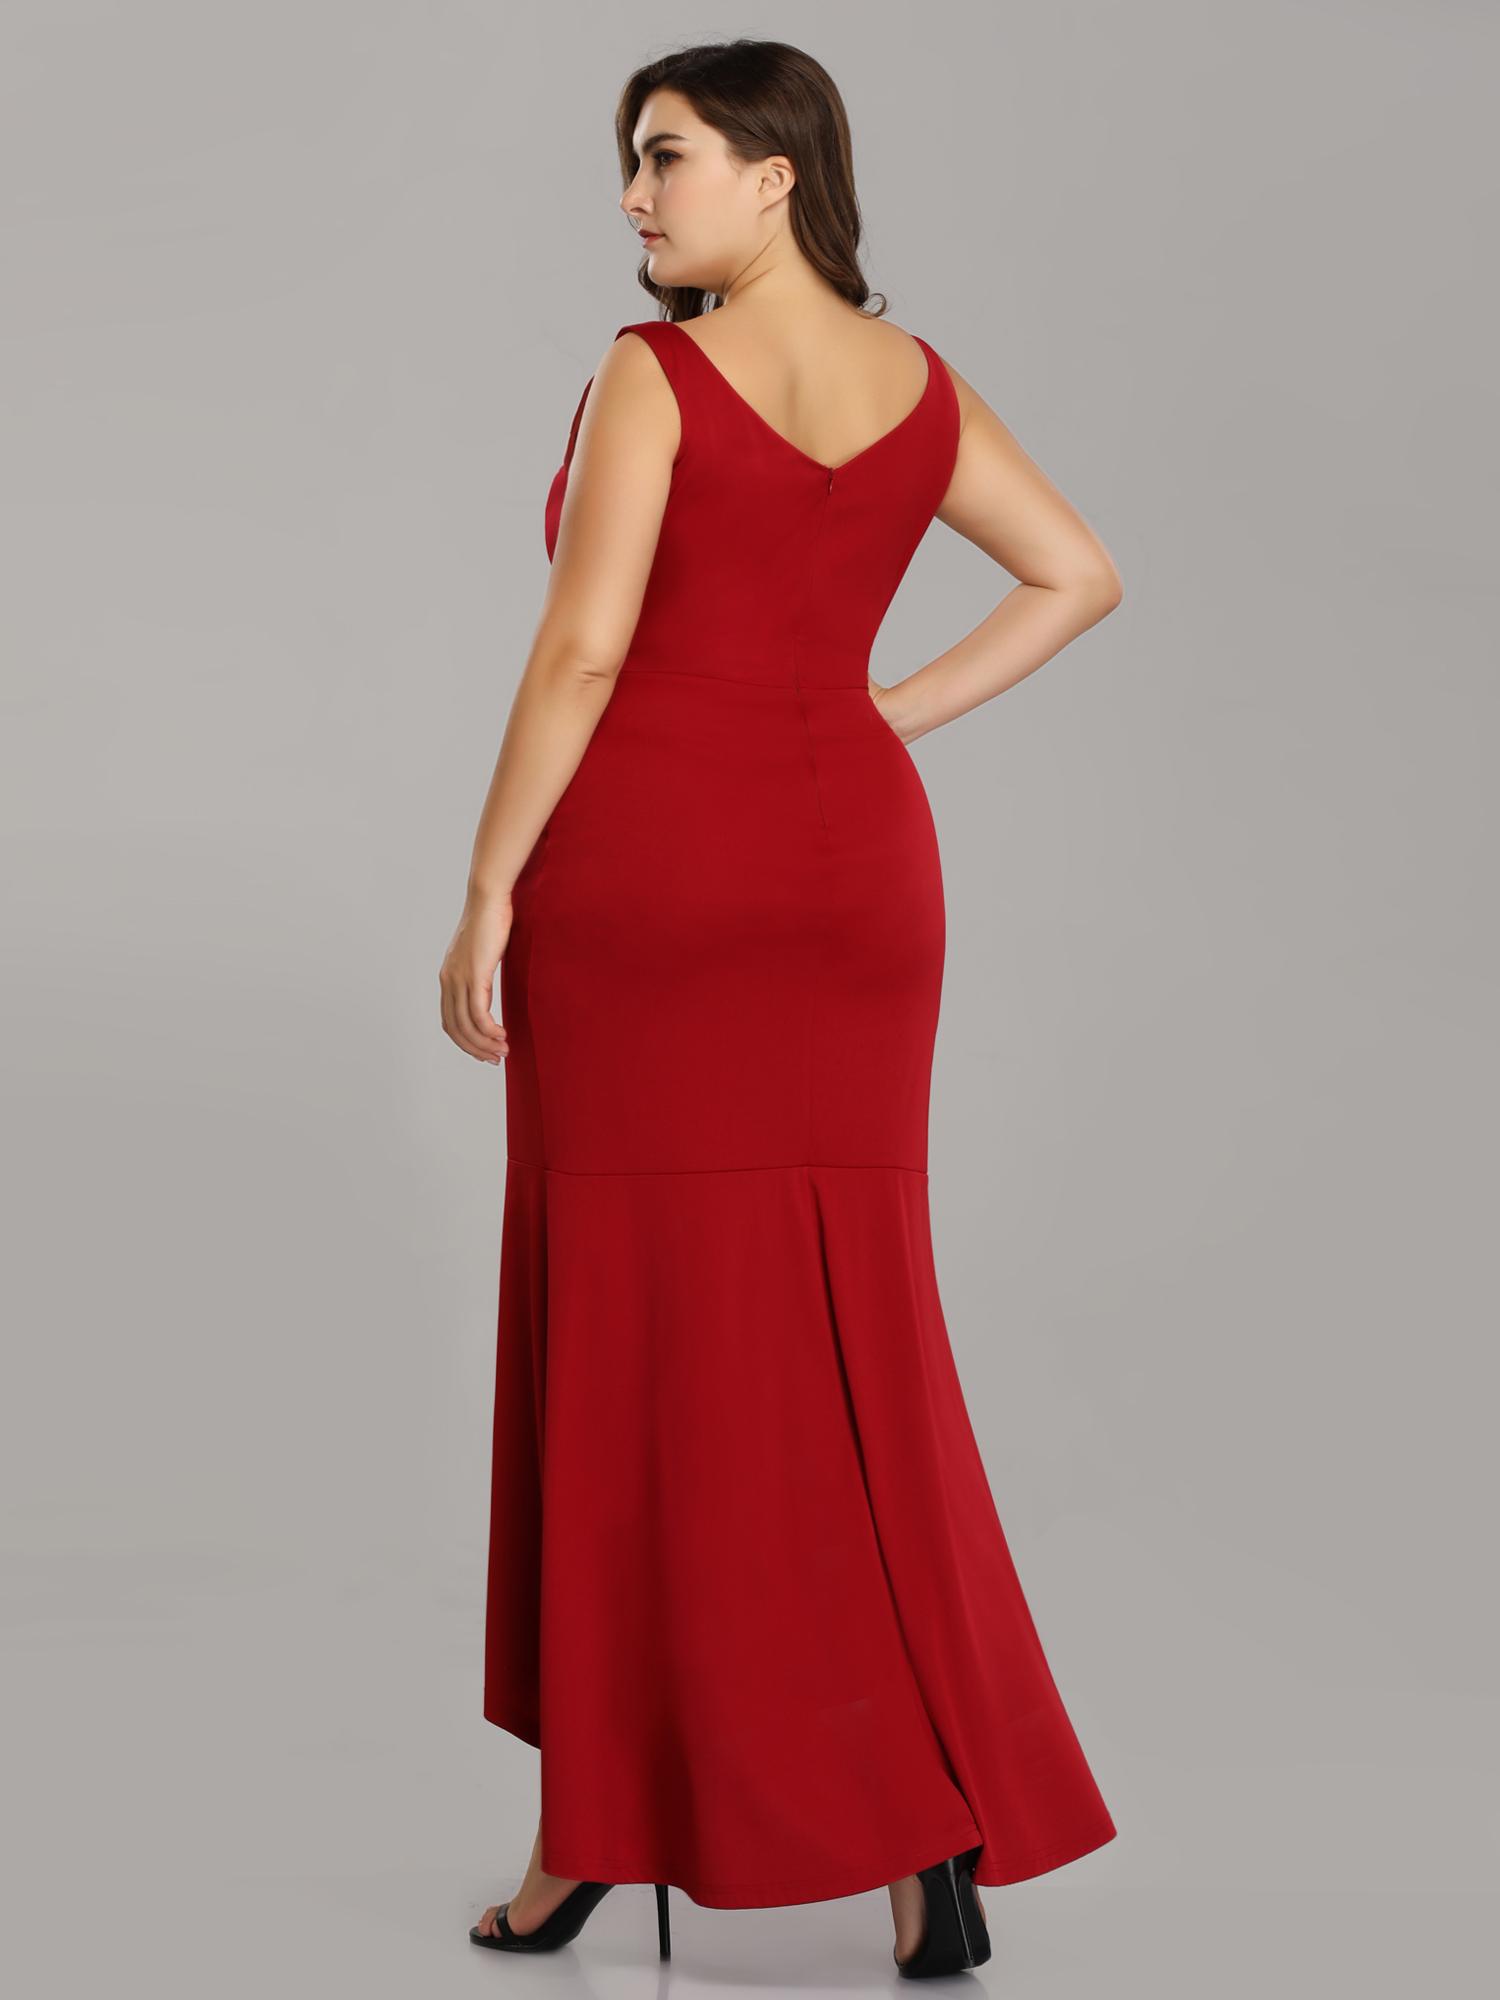 d9d6b524d63e Burgundy Formal Dresses Plus Size | Saddha